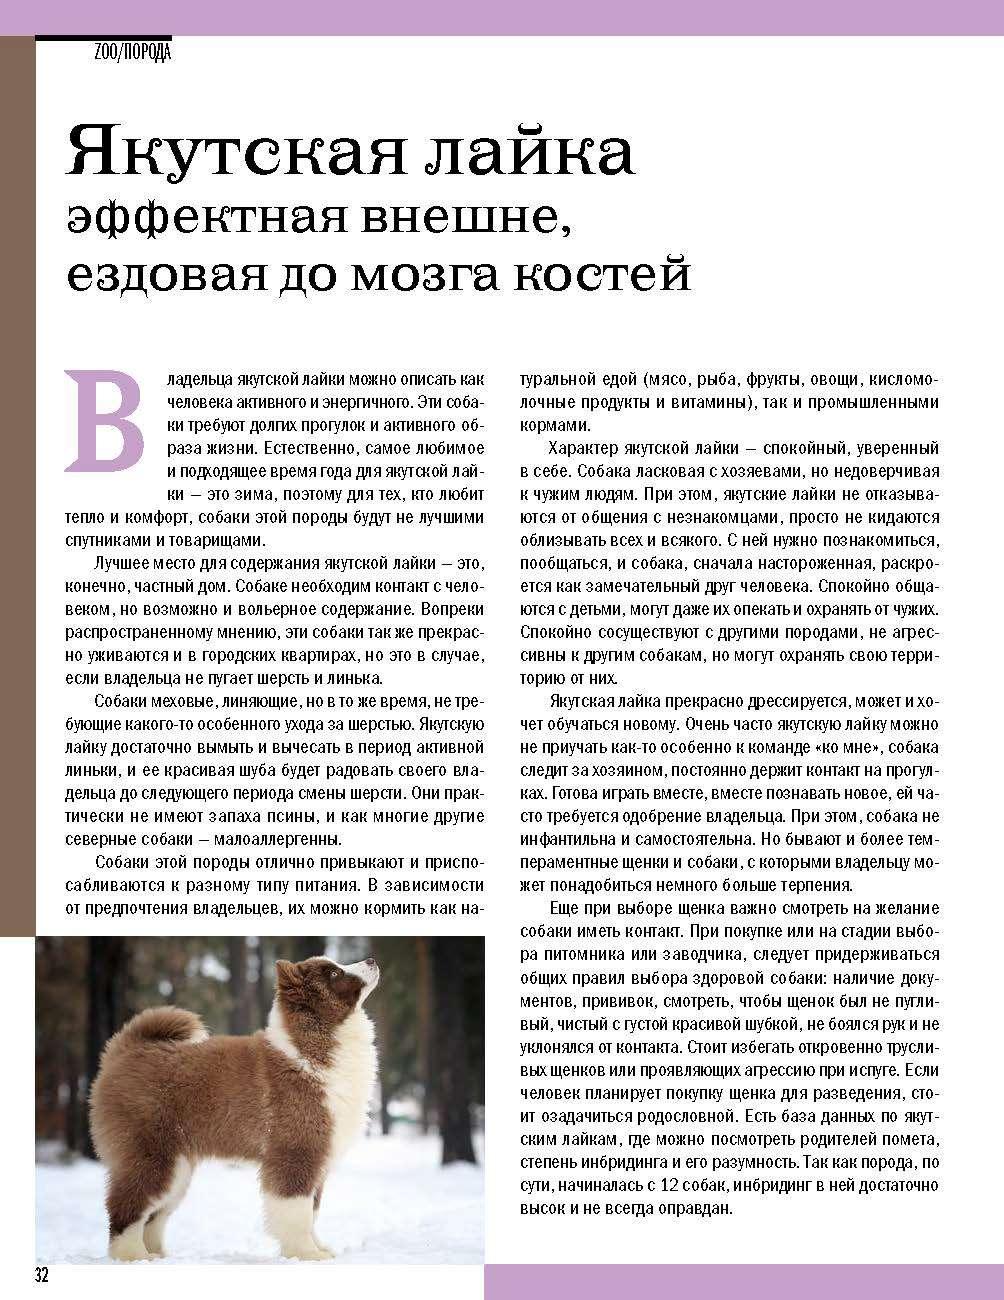 Якутская лайка: описание породы и характеристика, стоимость щенка